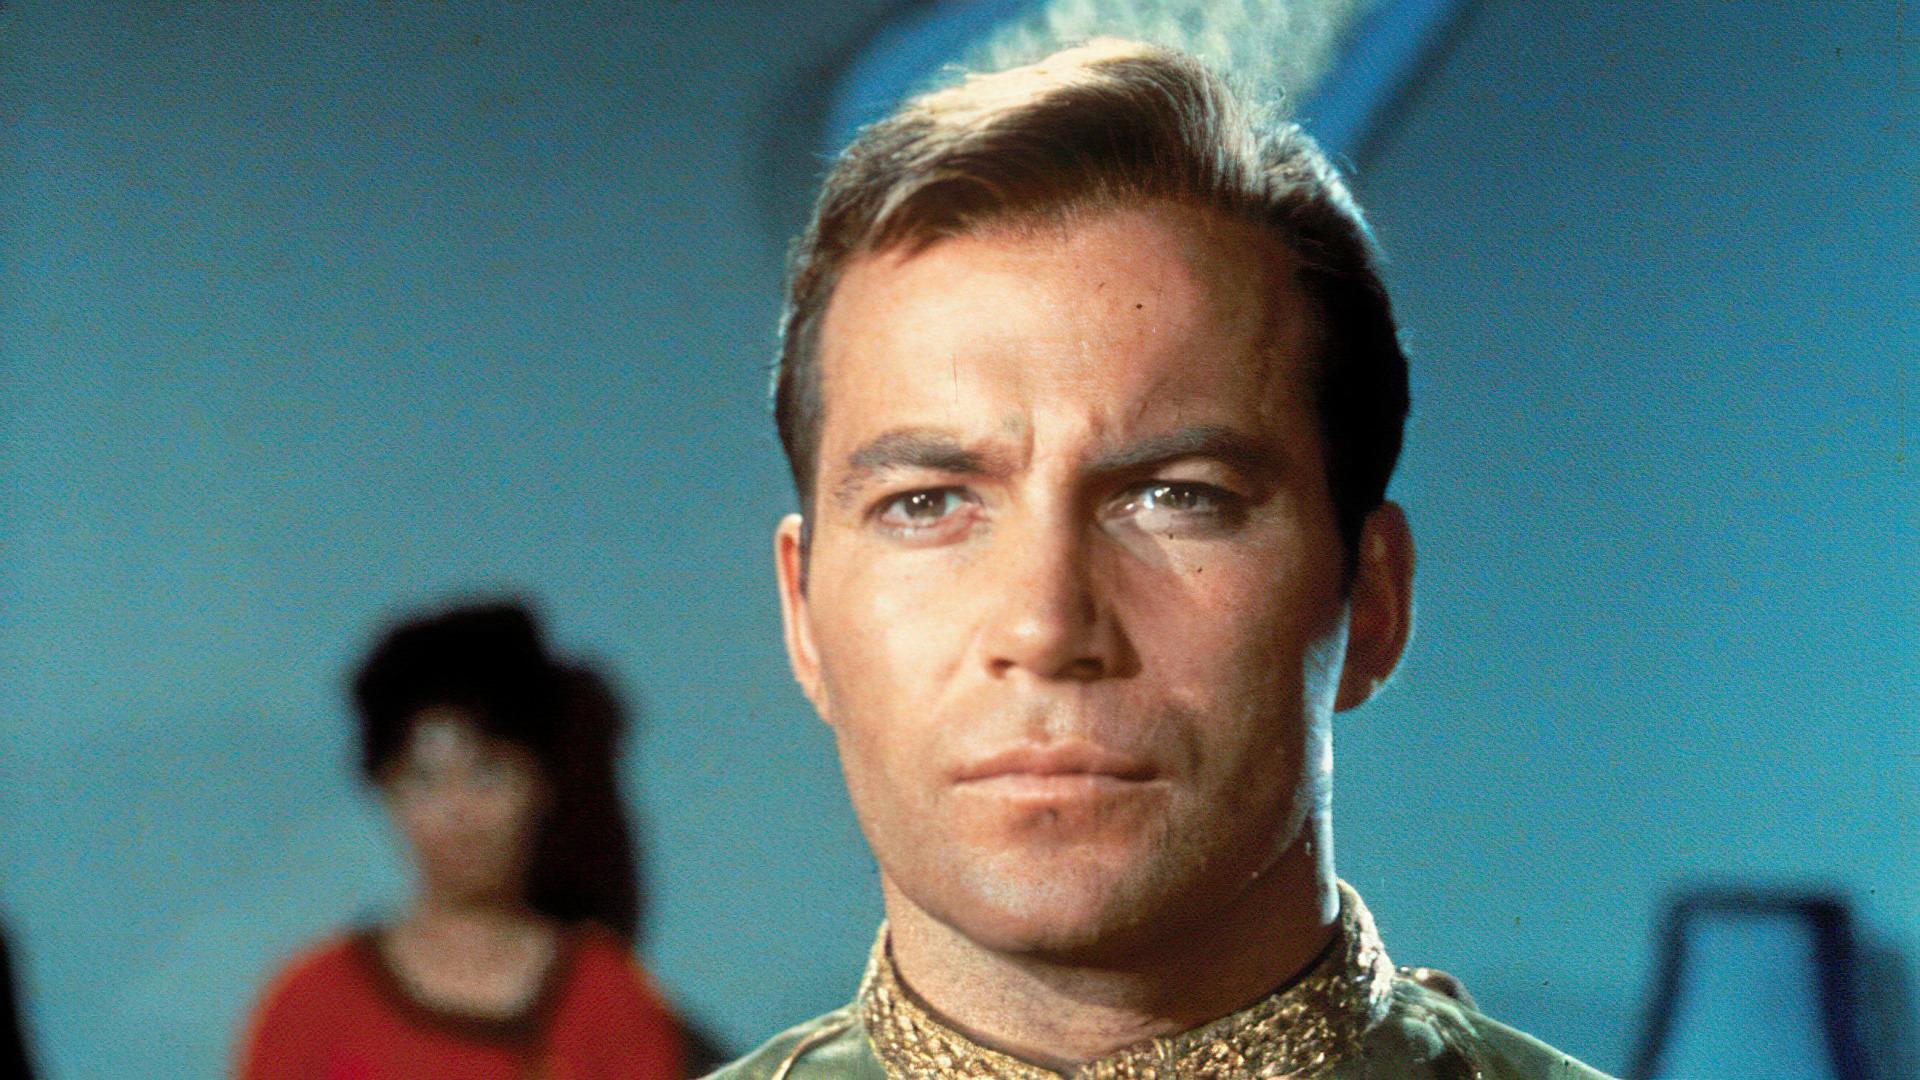 Star Trek, William Shatner, Kirk